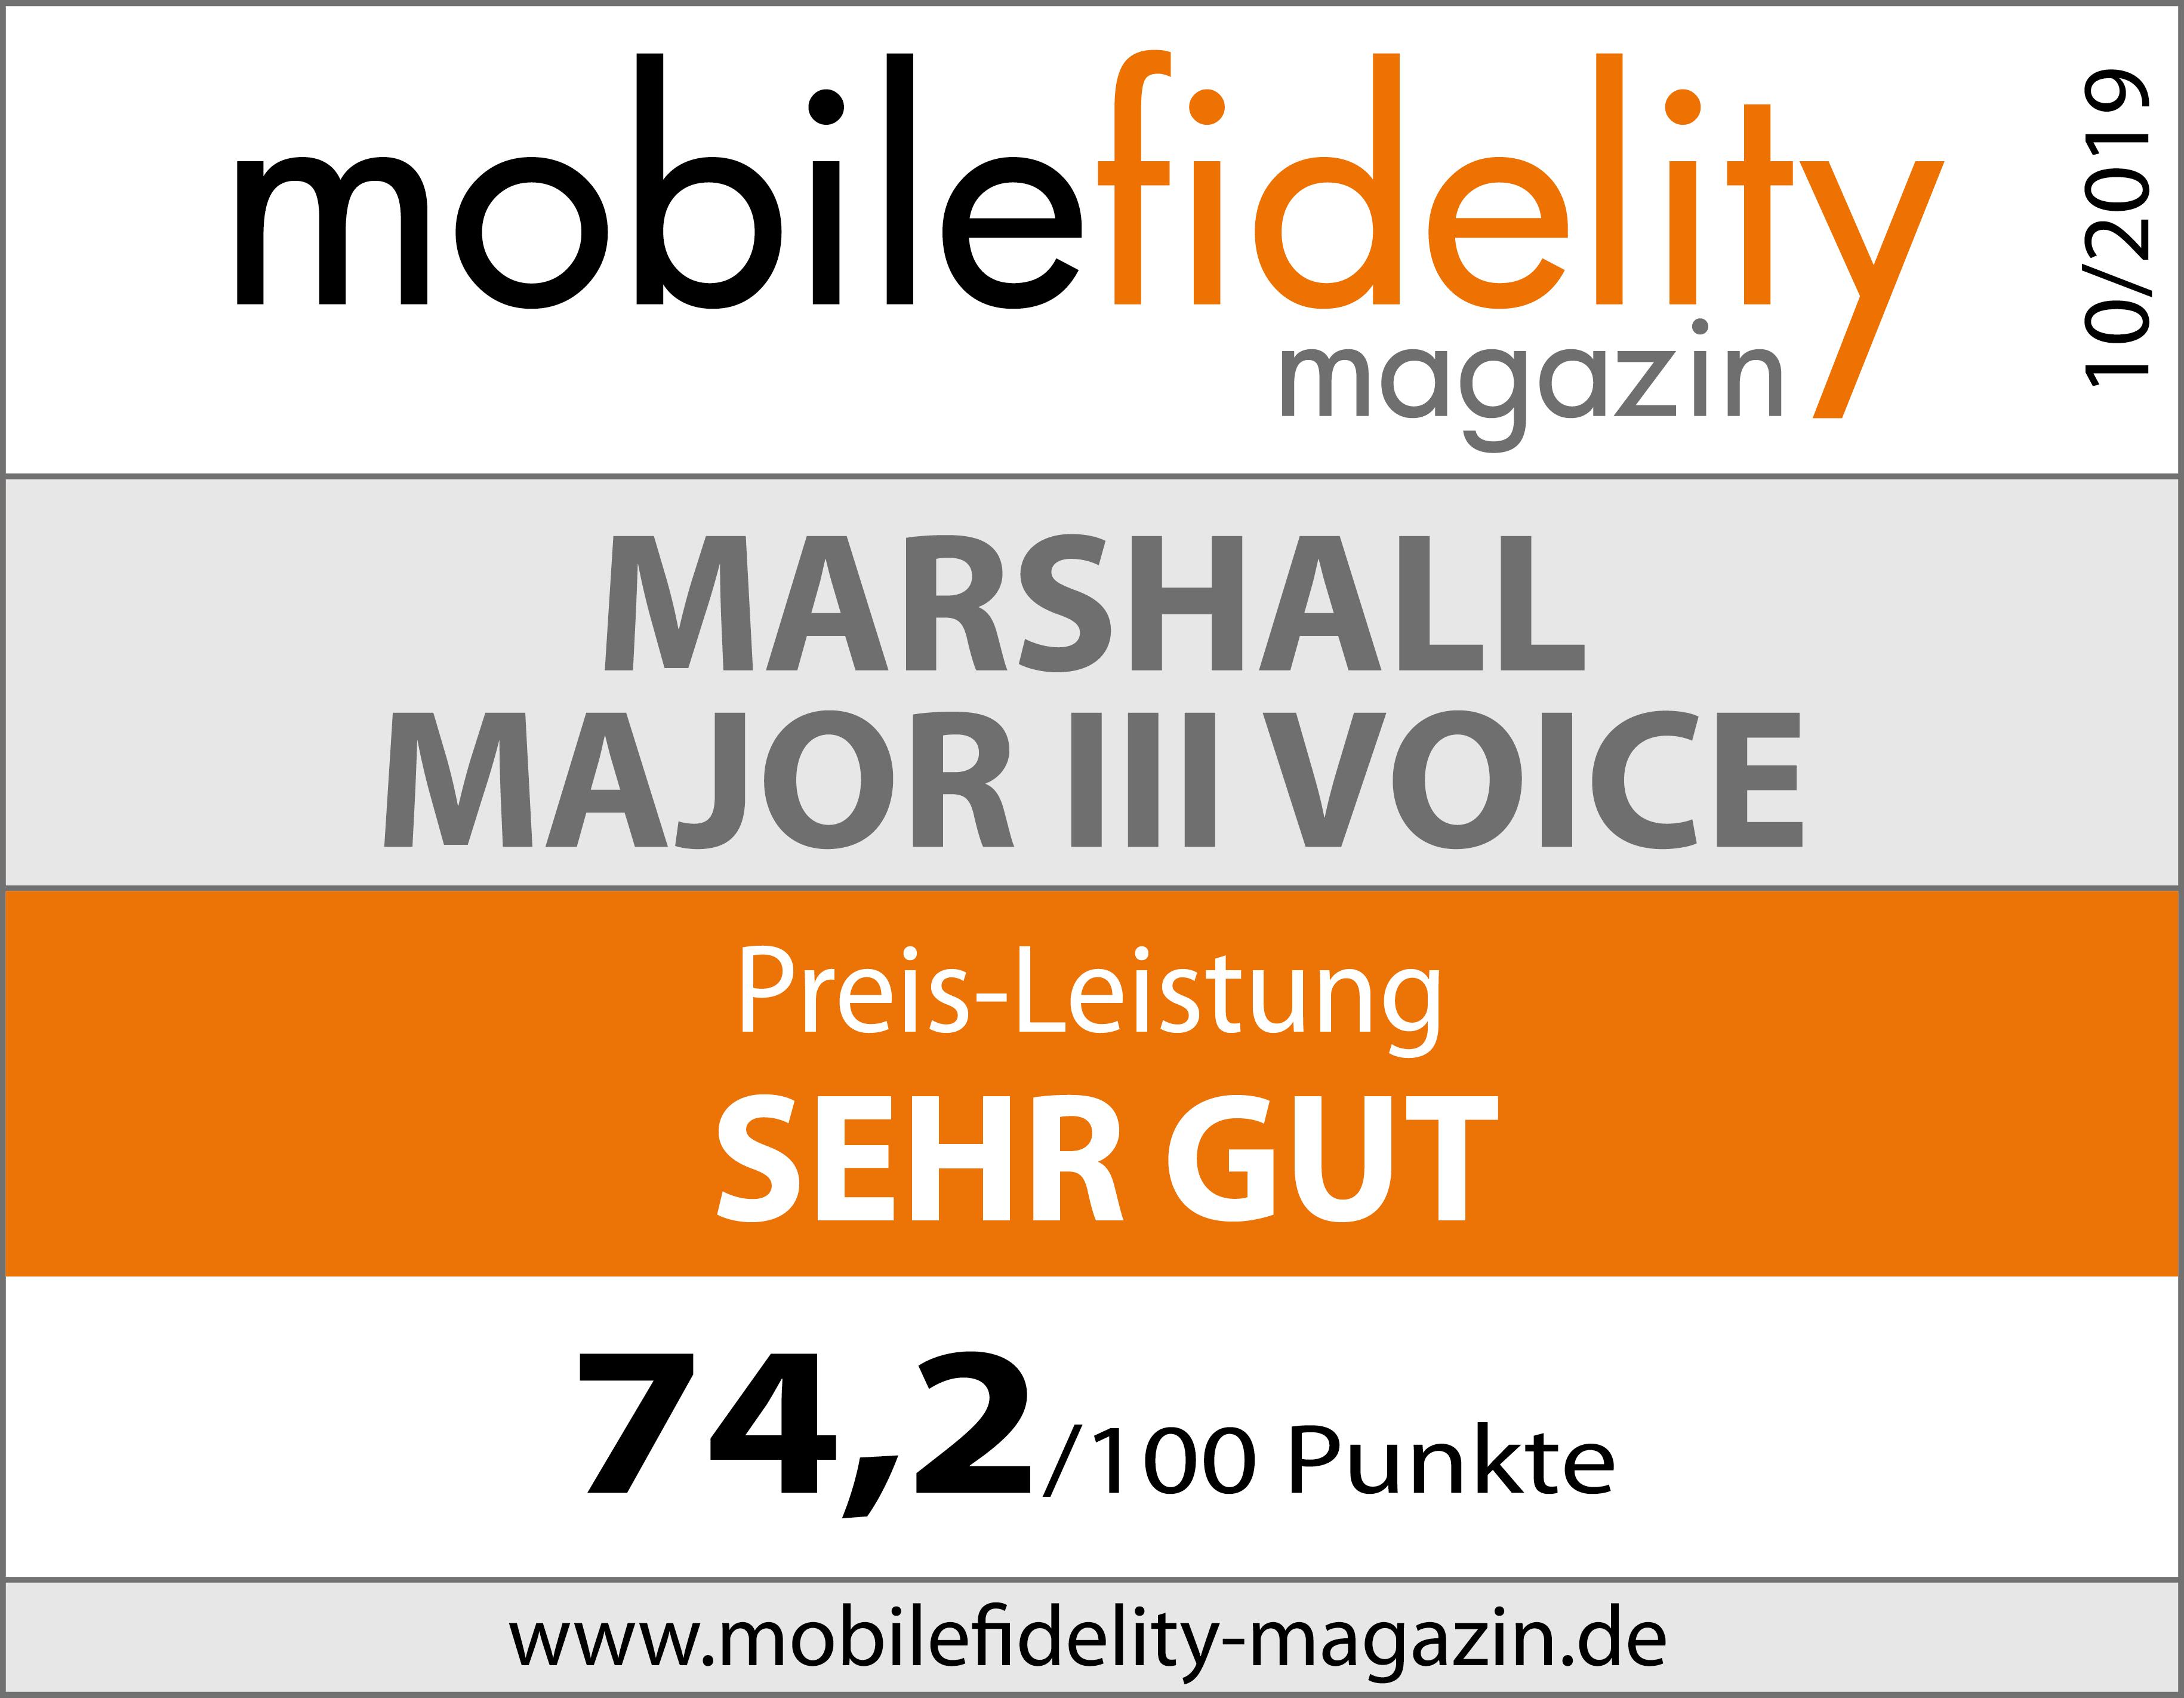 Bluetooth On Ear Kopfhörer Marshall Major Iii Voice Test